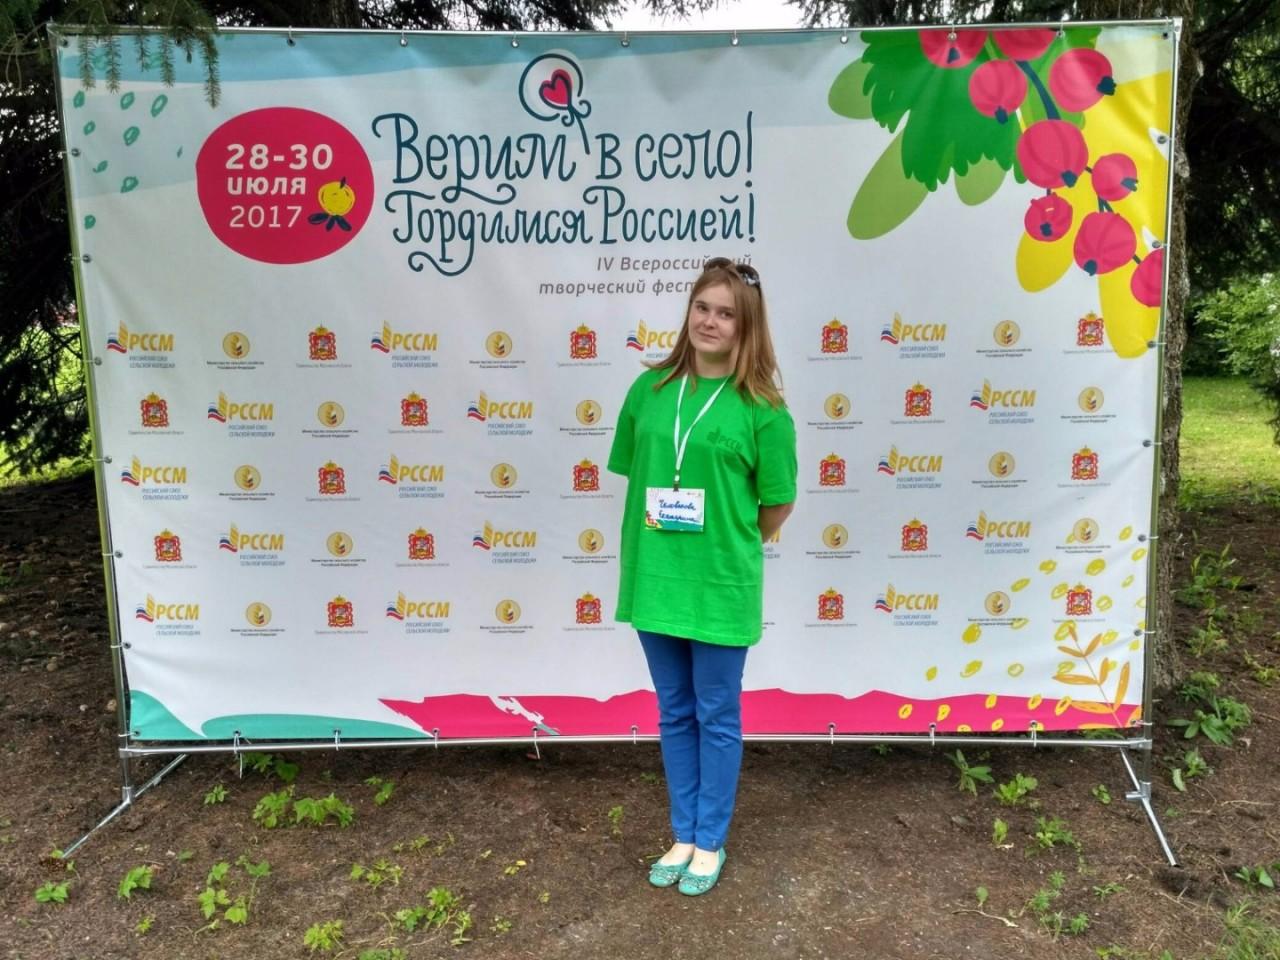 Итоги конкурса село территория возможностей 2017